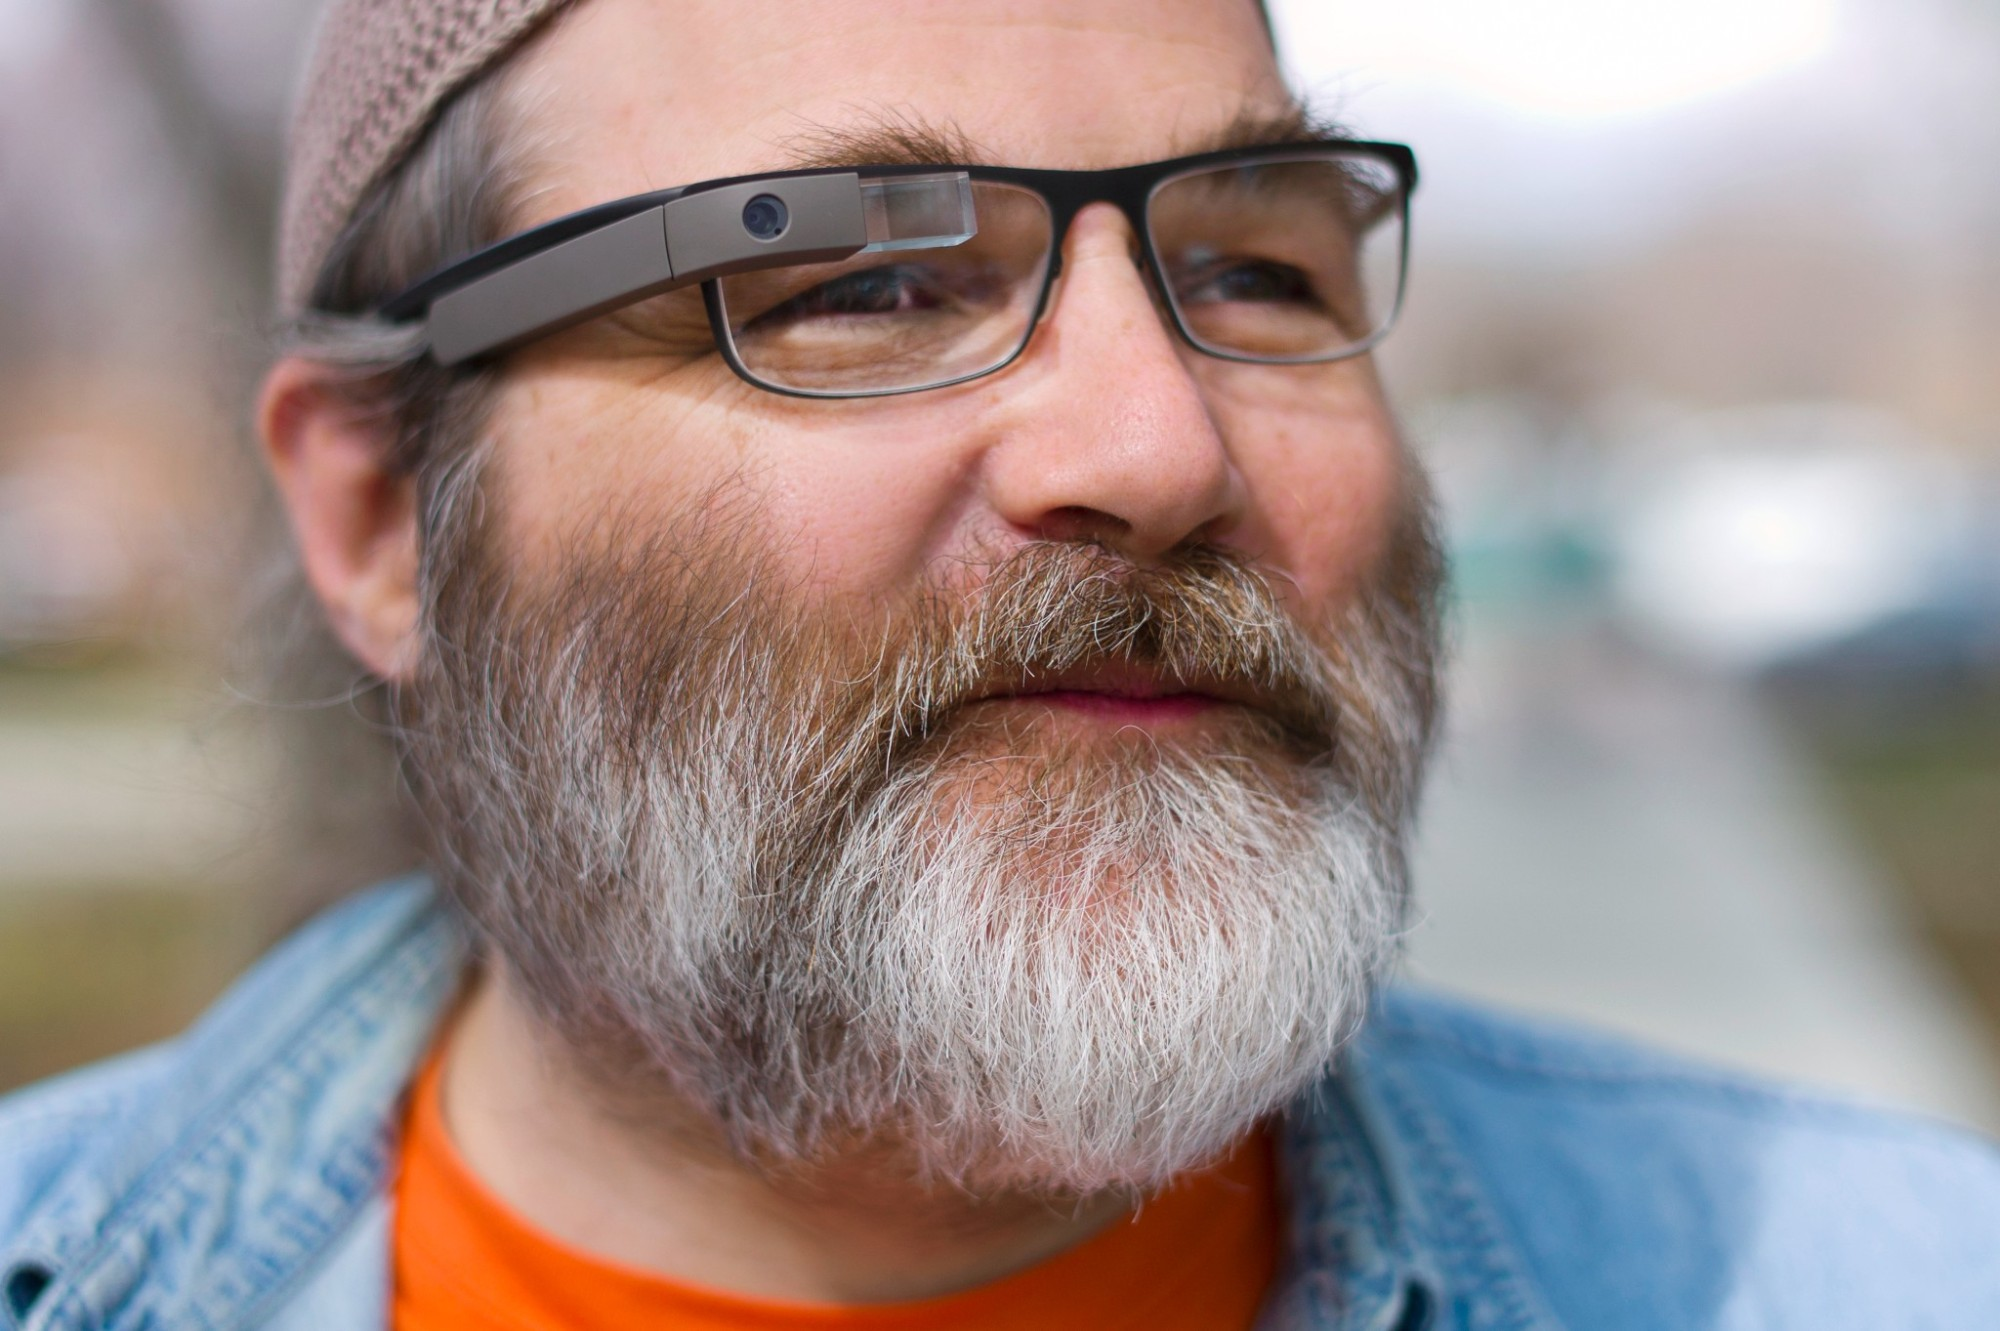 В кинотеатрах Англии запретили носить Google Glass - Изображение 1